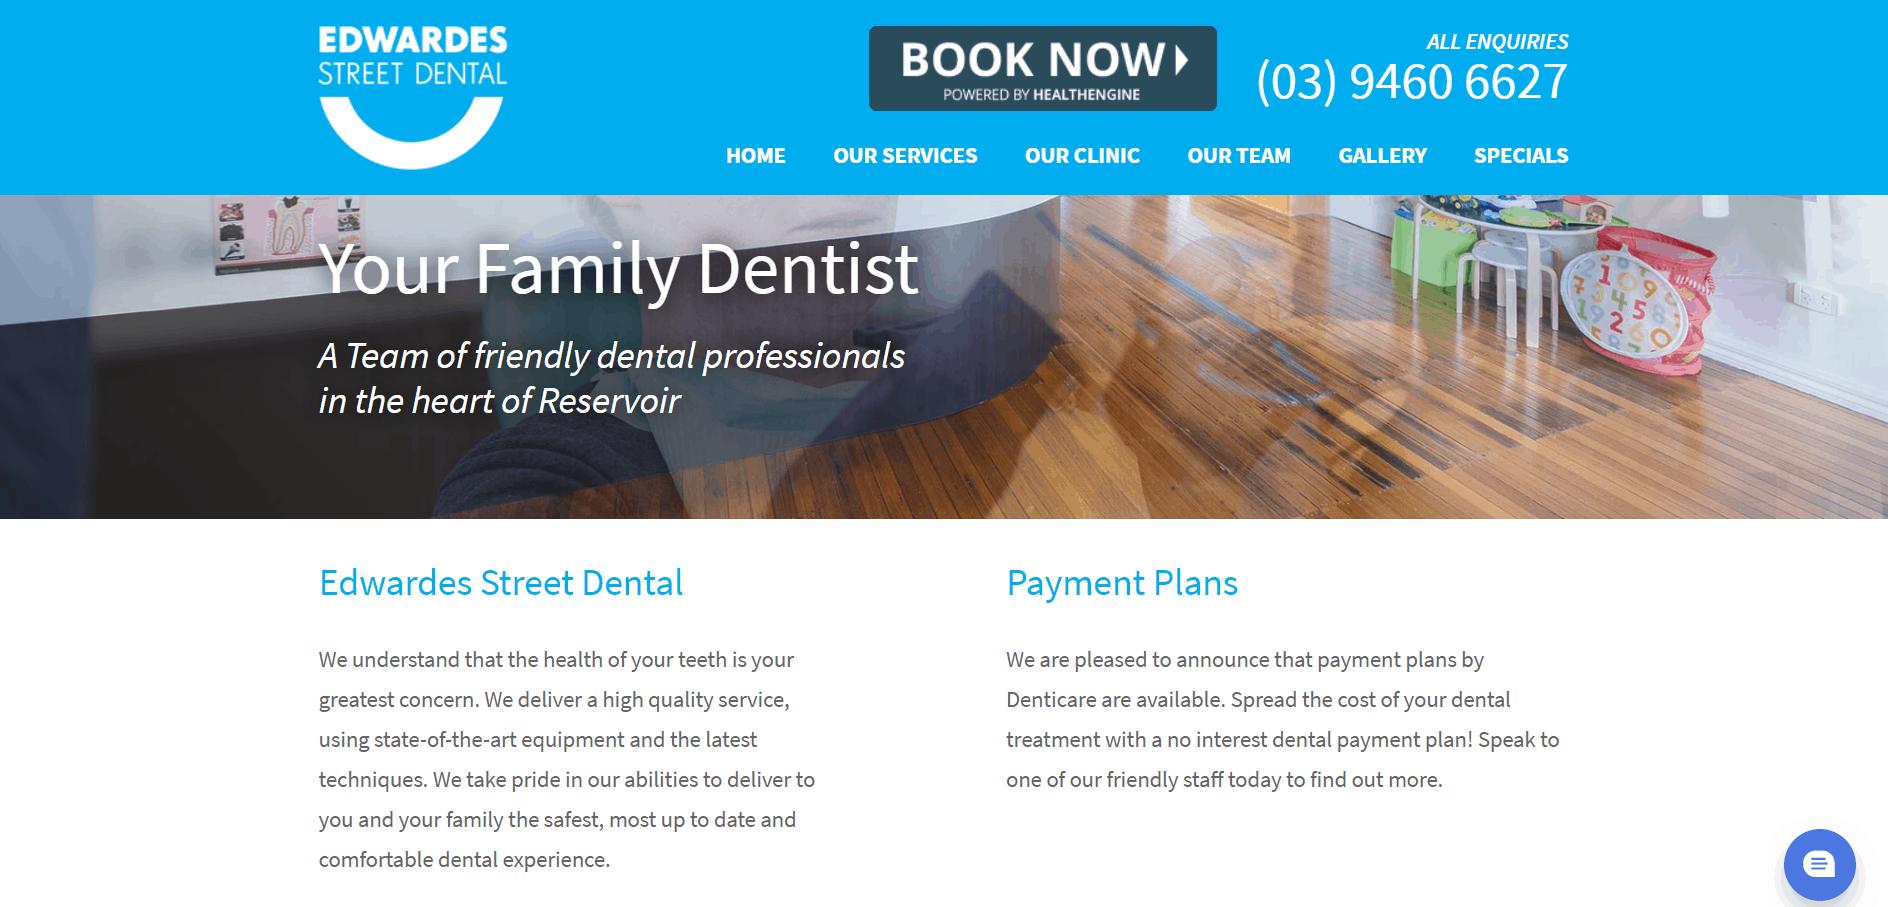 Edwardes Street Dental